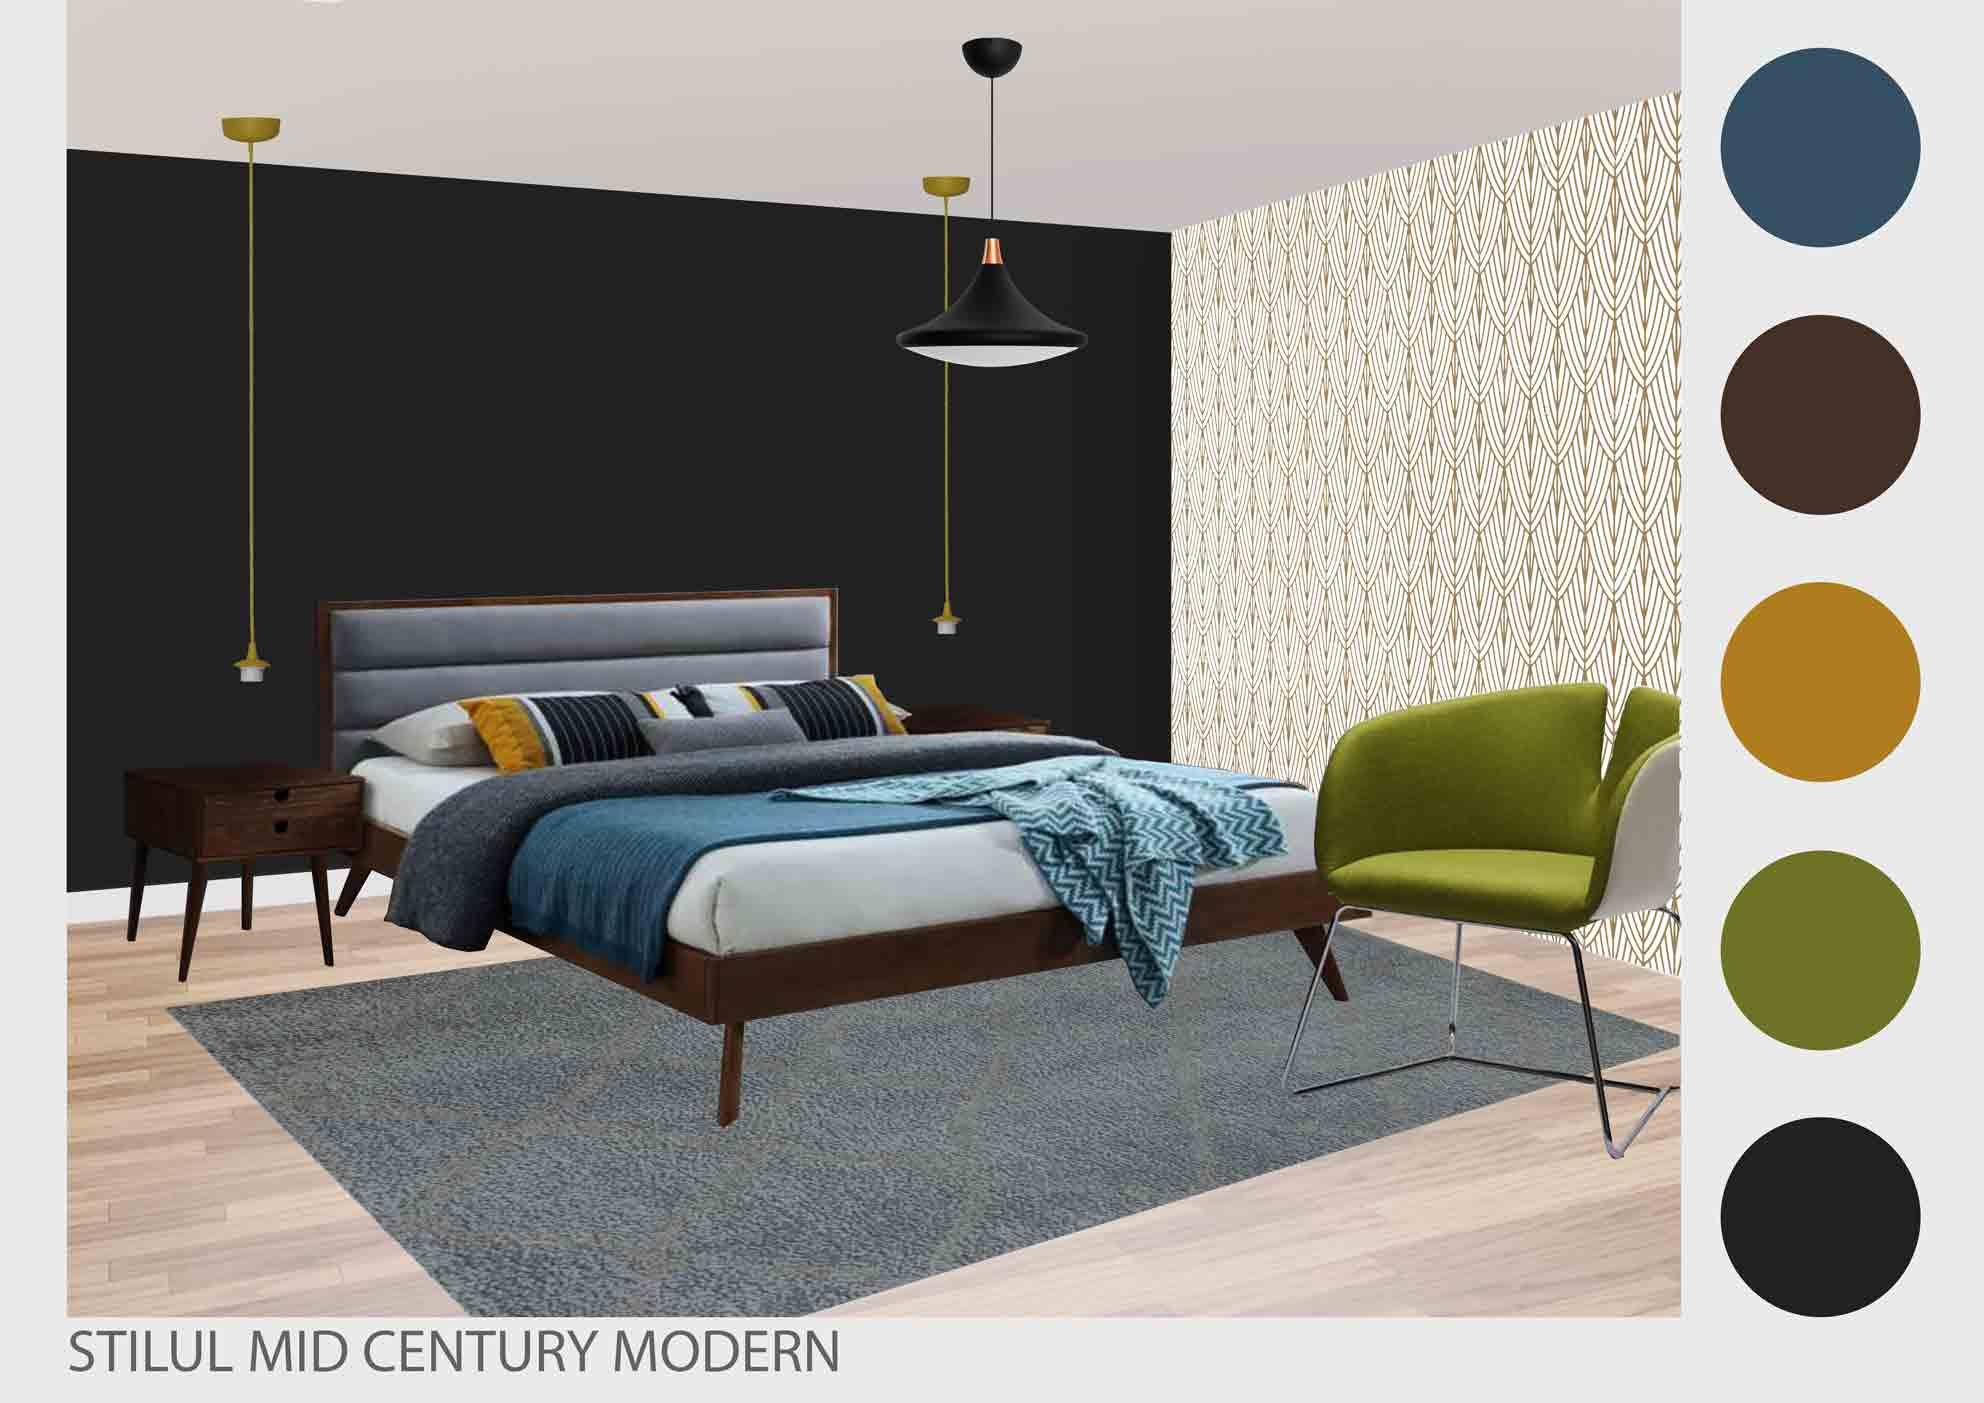 dormitor in stilul mid century